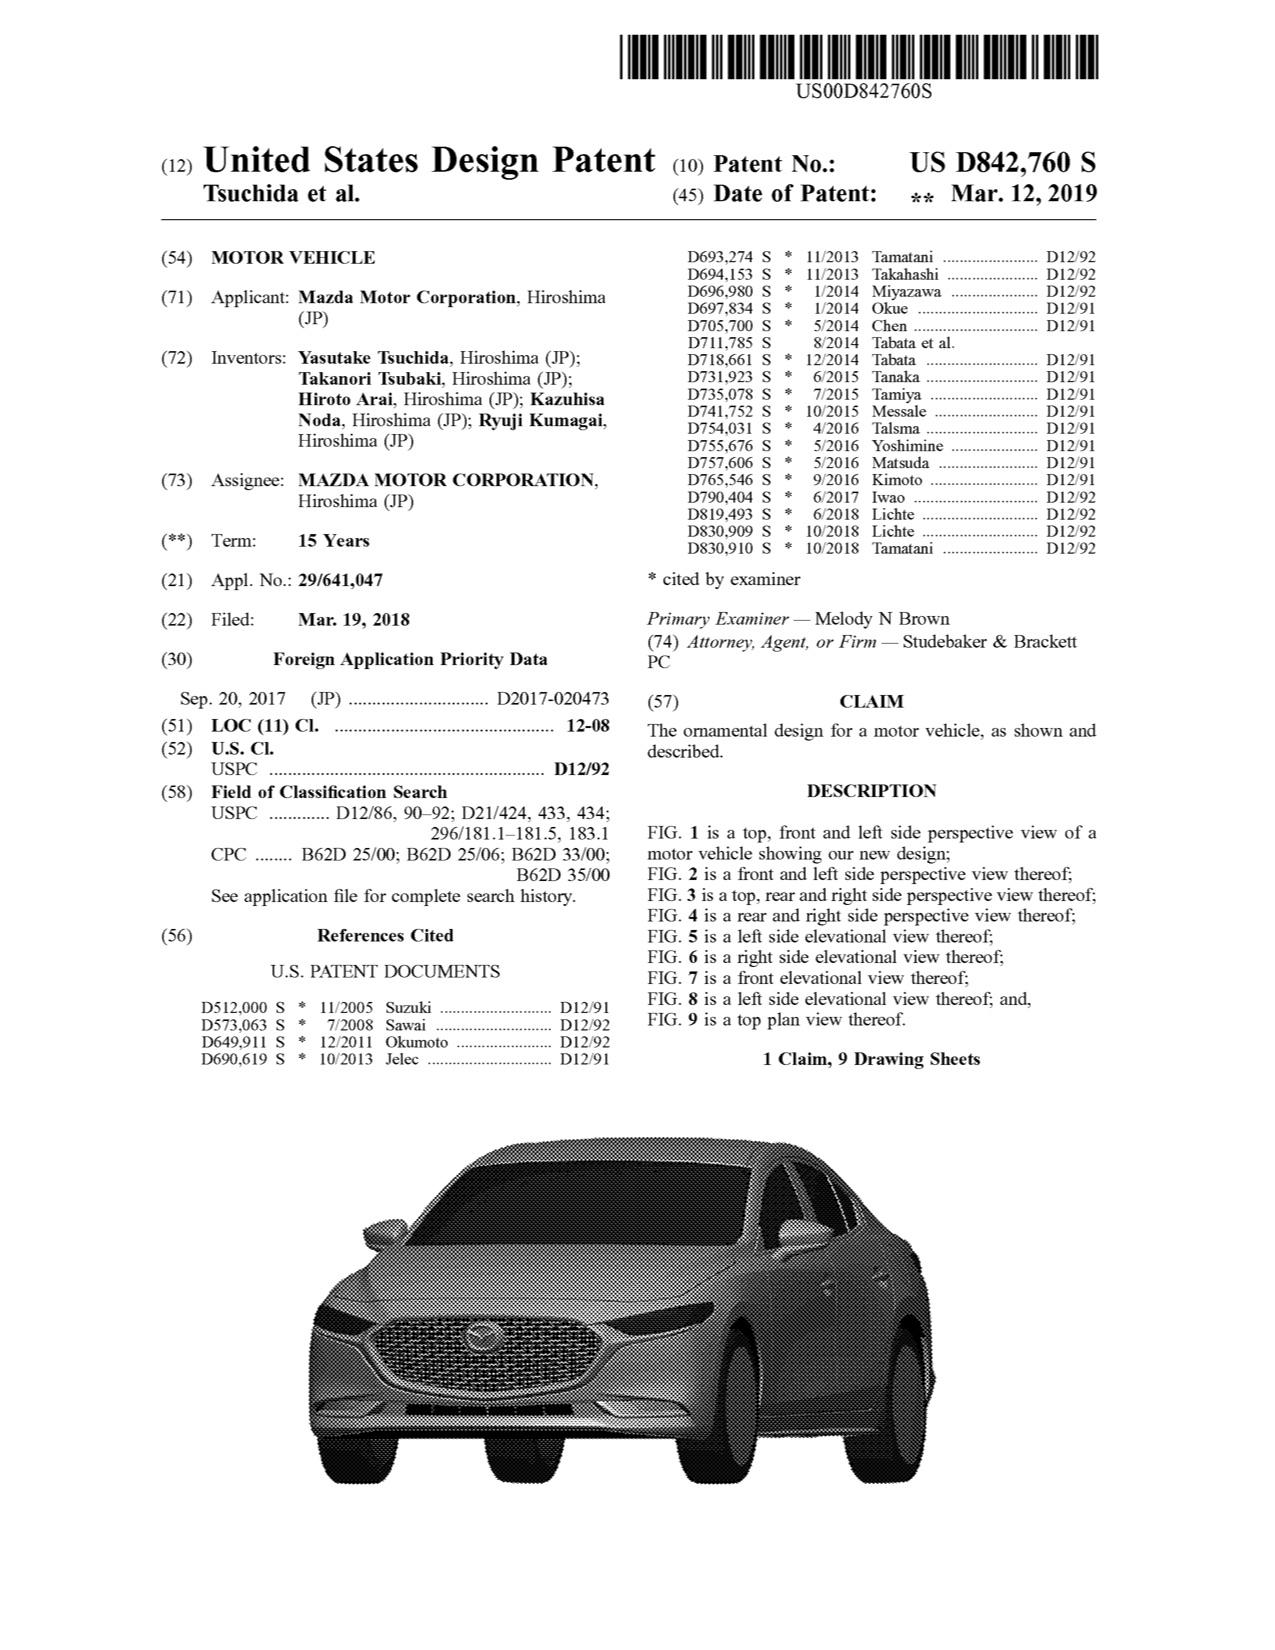 マツダ、米国で新型Mazda3セダンのデザインパテントを取得